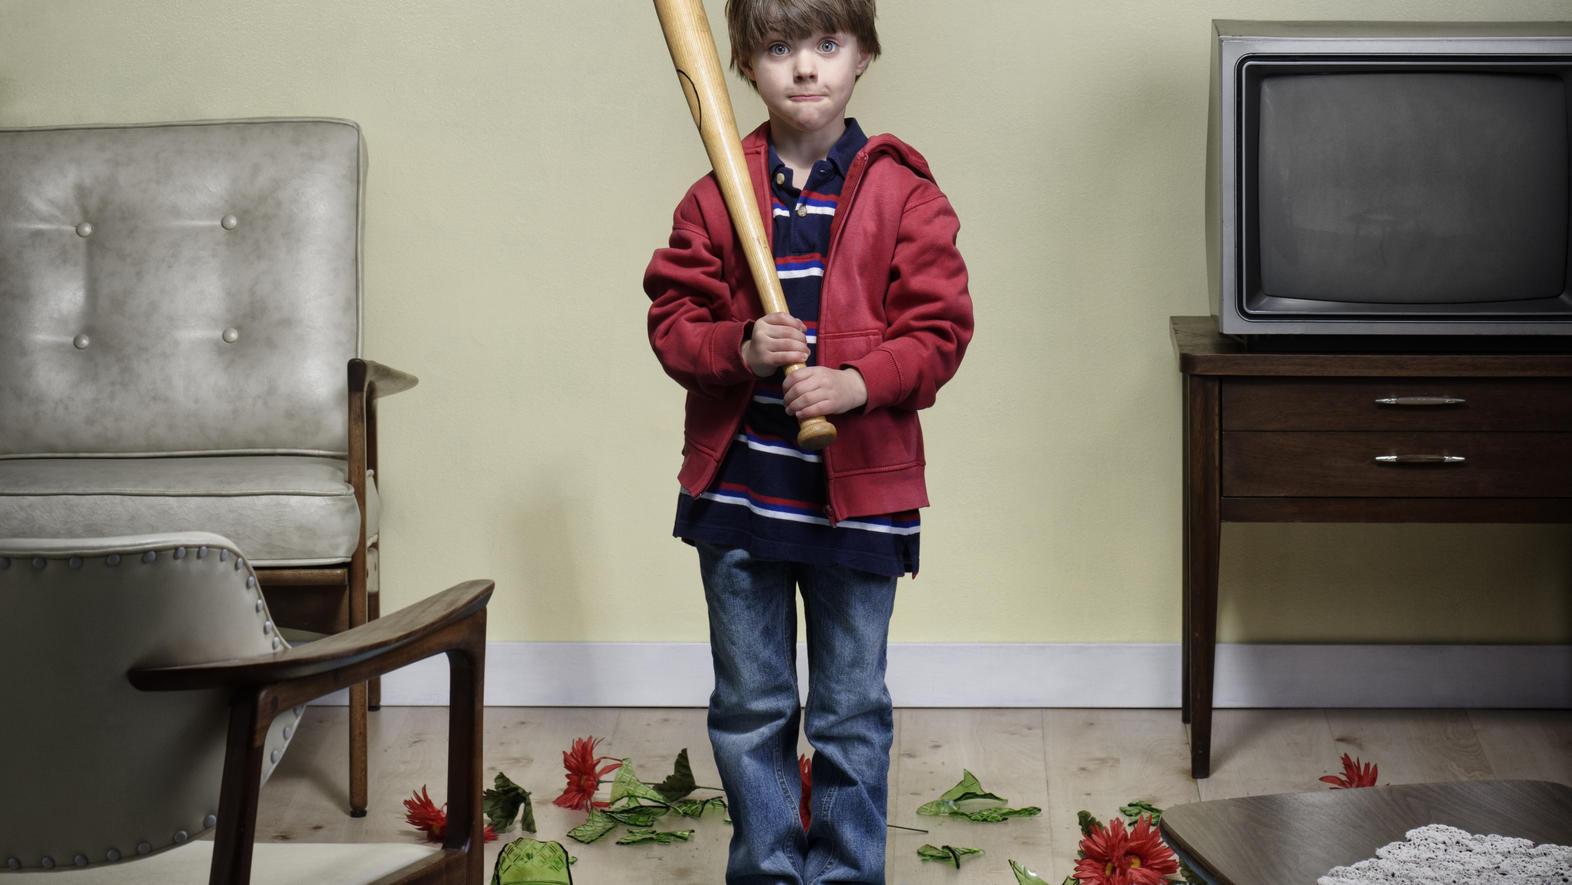 Kurz nicht hingeschaut und schon ist es passiert: Das Kind hat die teure Vase des Nachbarn kaputt gemacht. Wer steht dafür gerade?